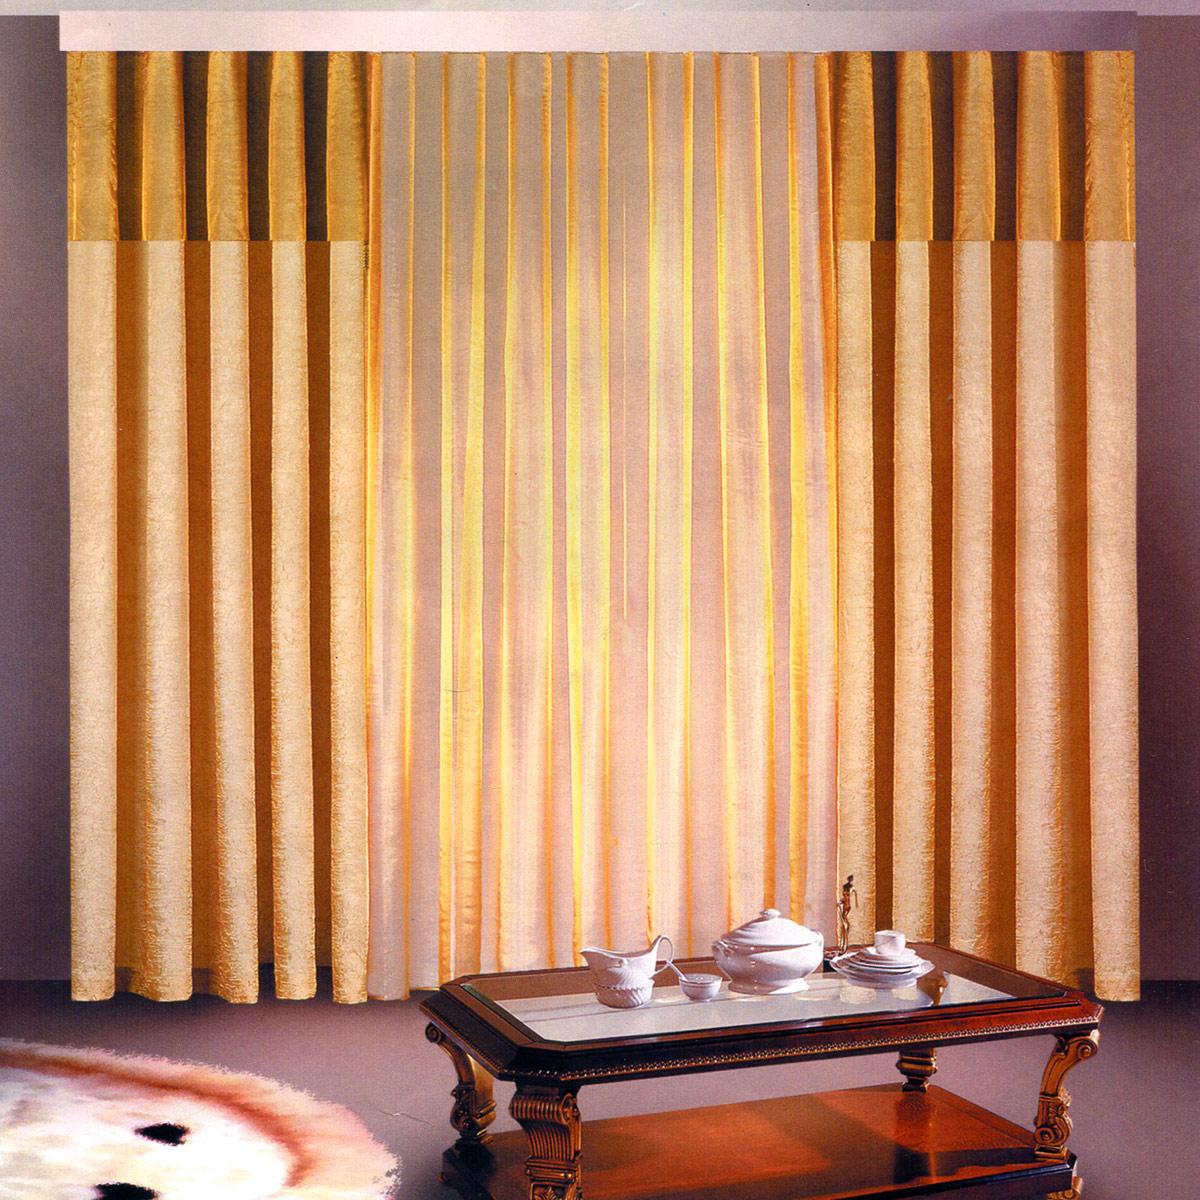 Комплект штор Zlata Korunka, на ленте, цвет: бежевый, шоколадный, высота 250 см. Б097N162131Роскошный комплект штор Zlata Korunka, выполненный из полиэстера, великолепно украситлюбое окно. Комплект состоит из двух штор и тюля. Воздушная ткань и приятная, приглушеннаягамма привлекут к себевнимание и органично впишутся в интерьер помещения. Этот комплект будет долгое время радовать вас и вашу семью! Шторы крепятся на карниз при помощи ленты, которая поможет красиво и равномернозадрапировать верх.Ширина шторы: 140 +/- 5 см.